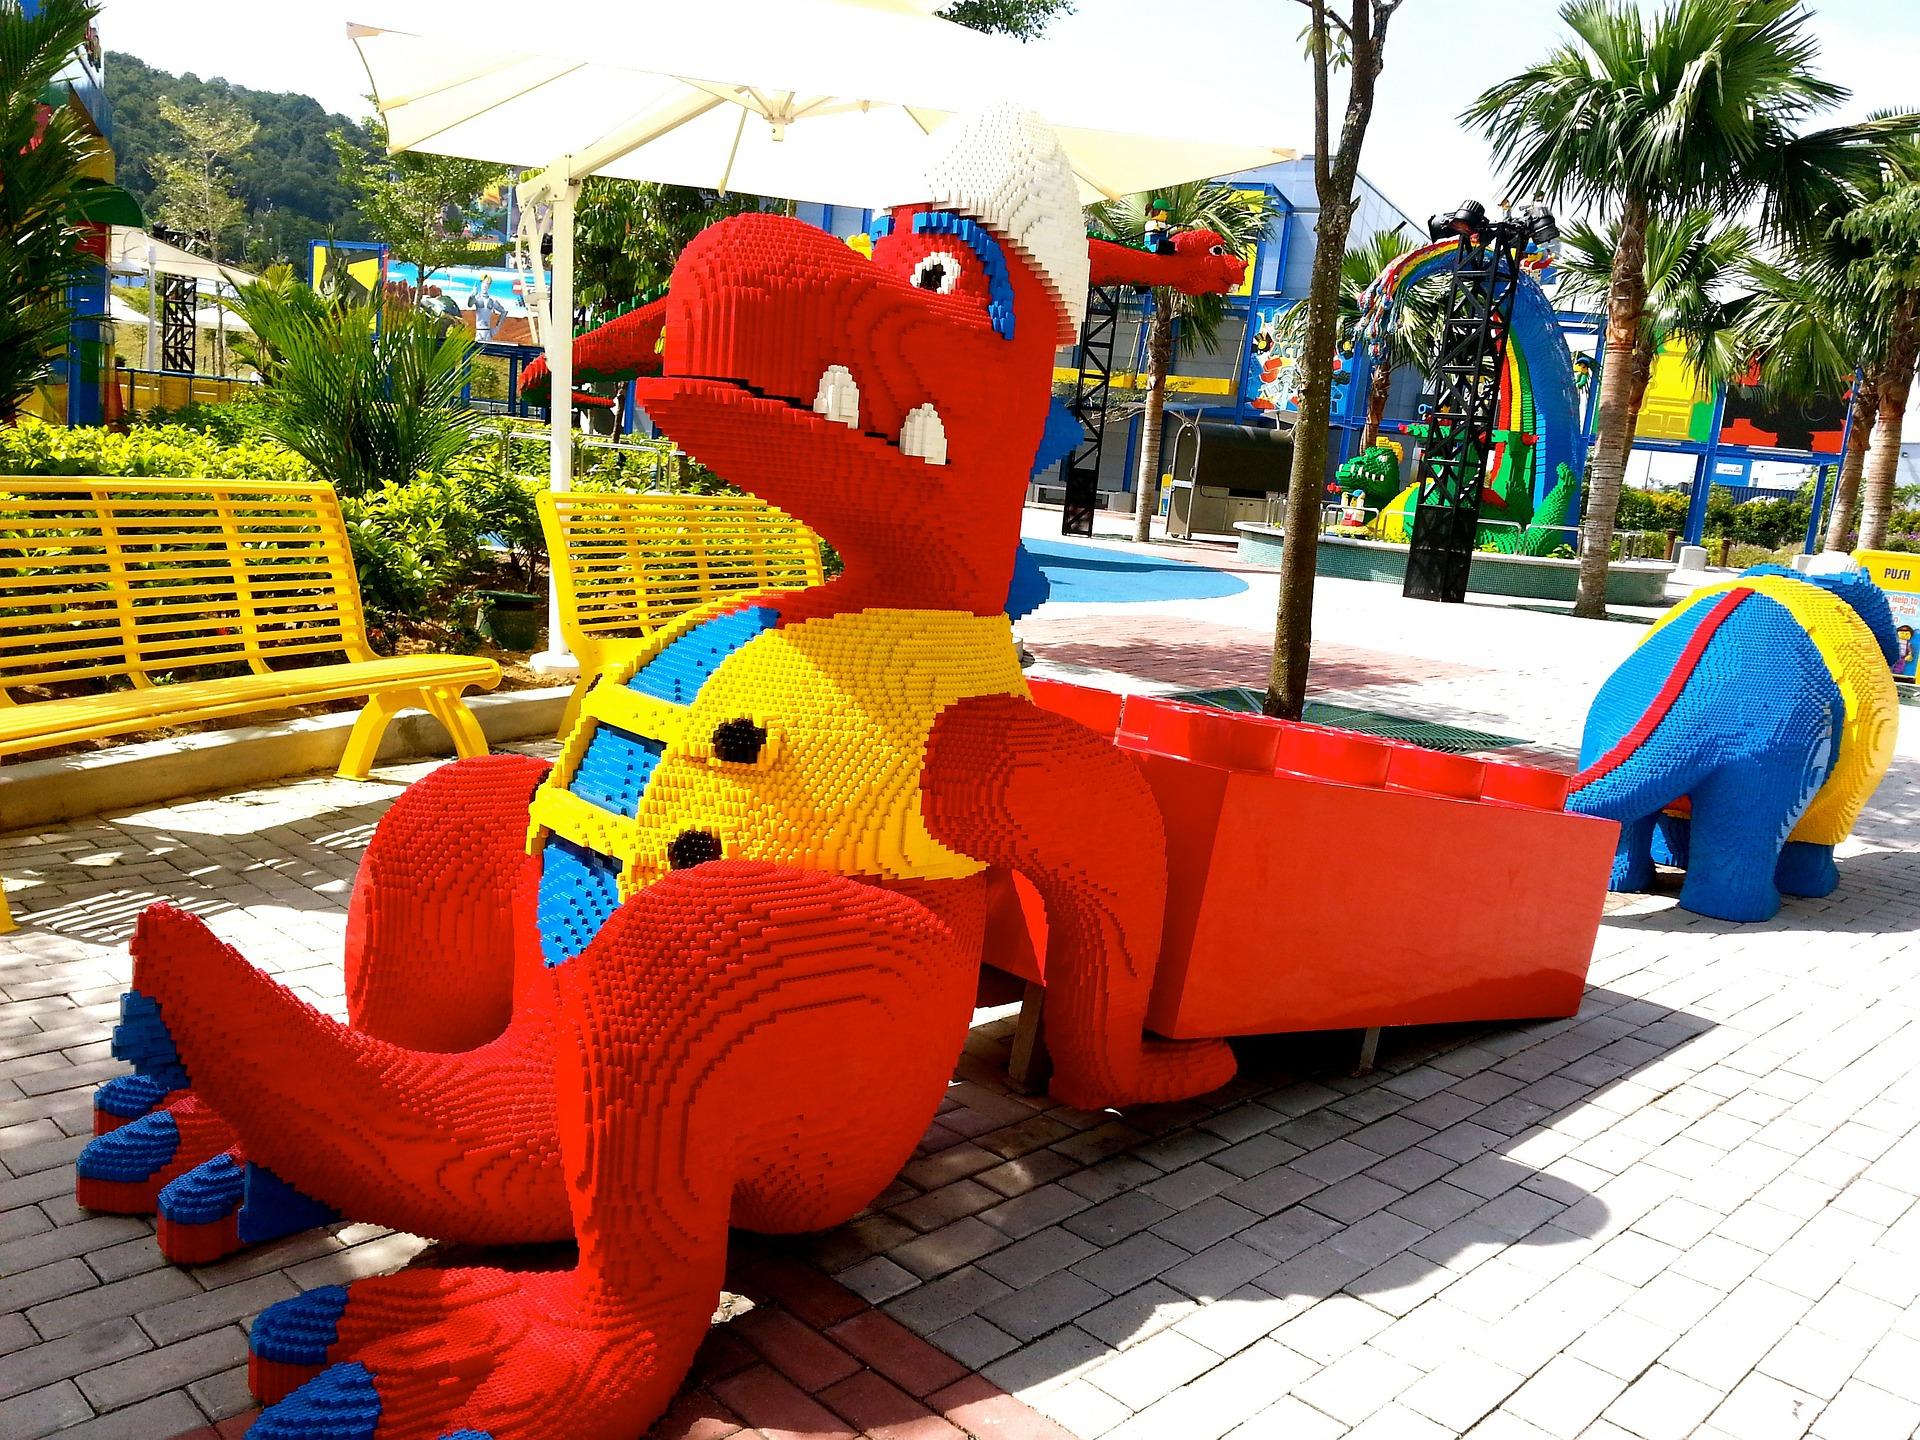 Der Europäische Gerichtshof (EuGH) entscheidet zum zweiten Mal über den Schutz von LEGO-Bausteinen – diesmal zu Gunsten der Firma LEGO.